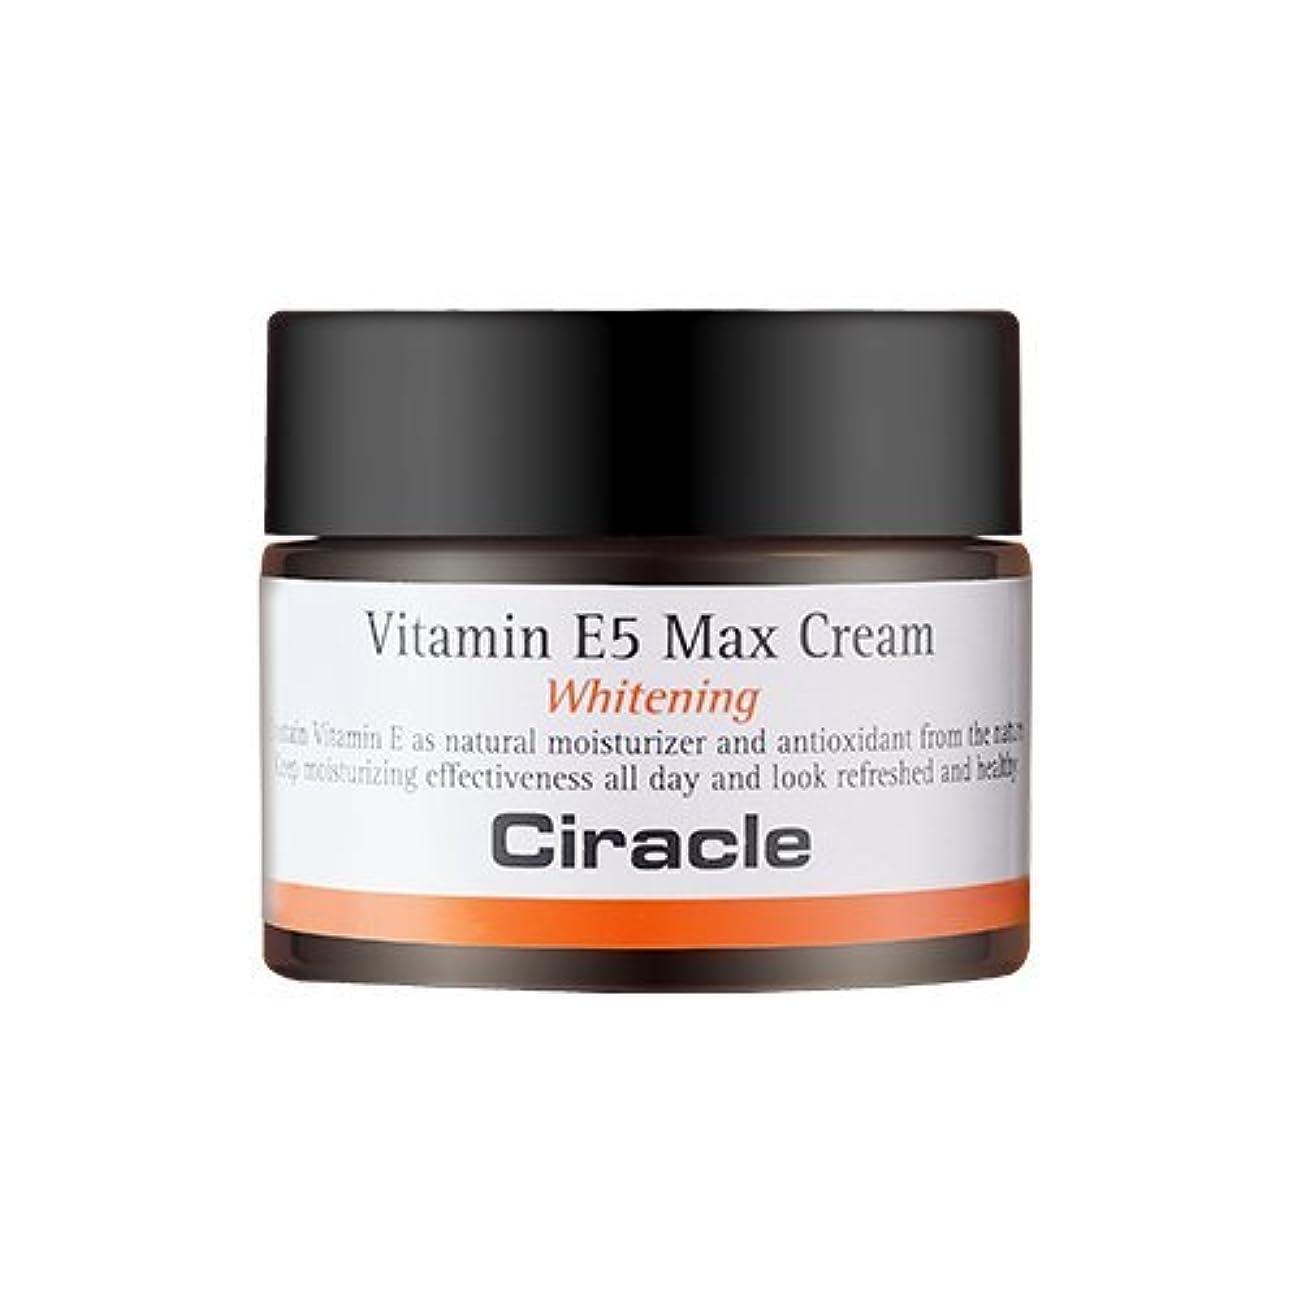 広々簡略化する危険Ciracle Vitamin E5 Max Cream シラクル ビタミンE5 マックス クリーム 50ml [並行輸入品]